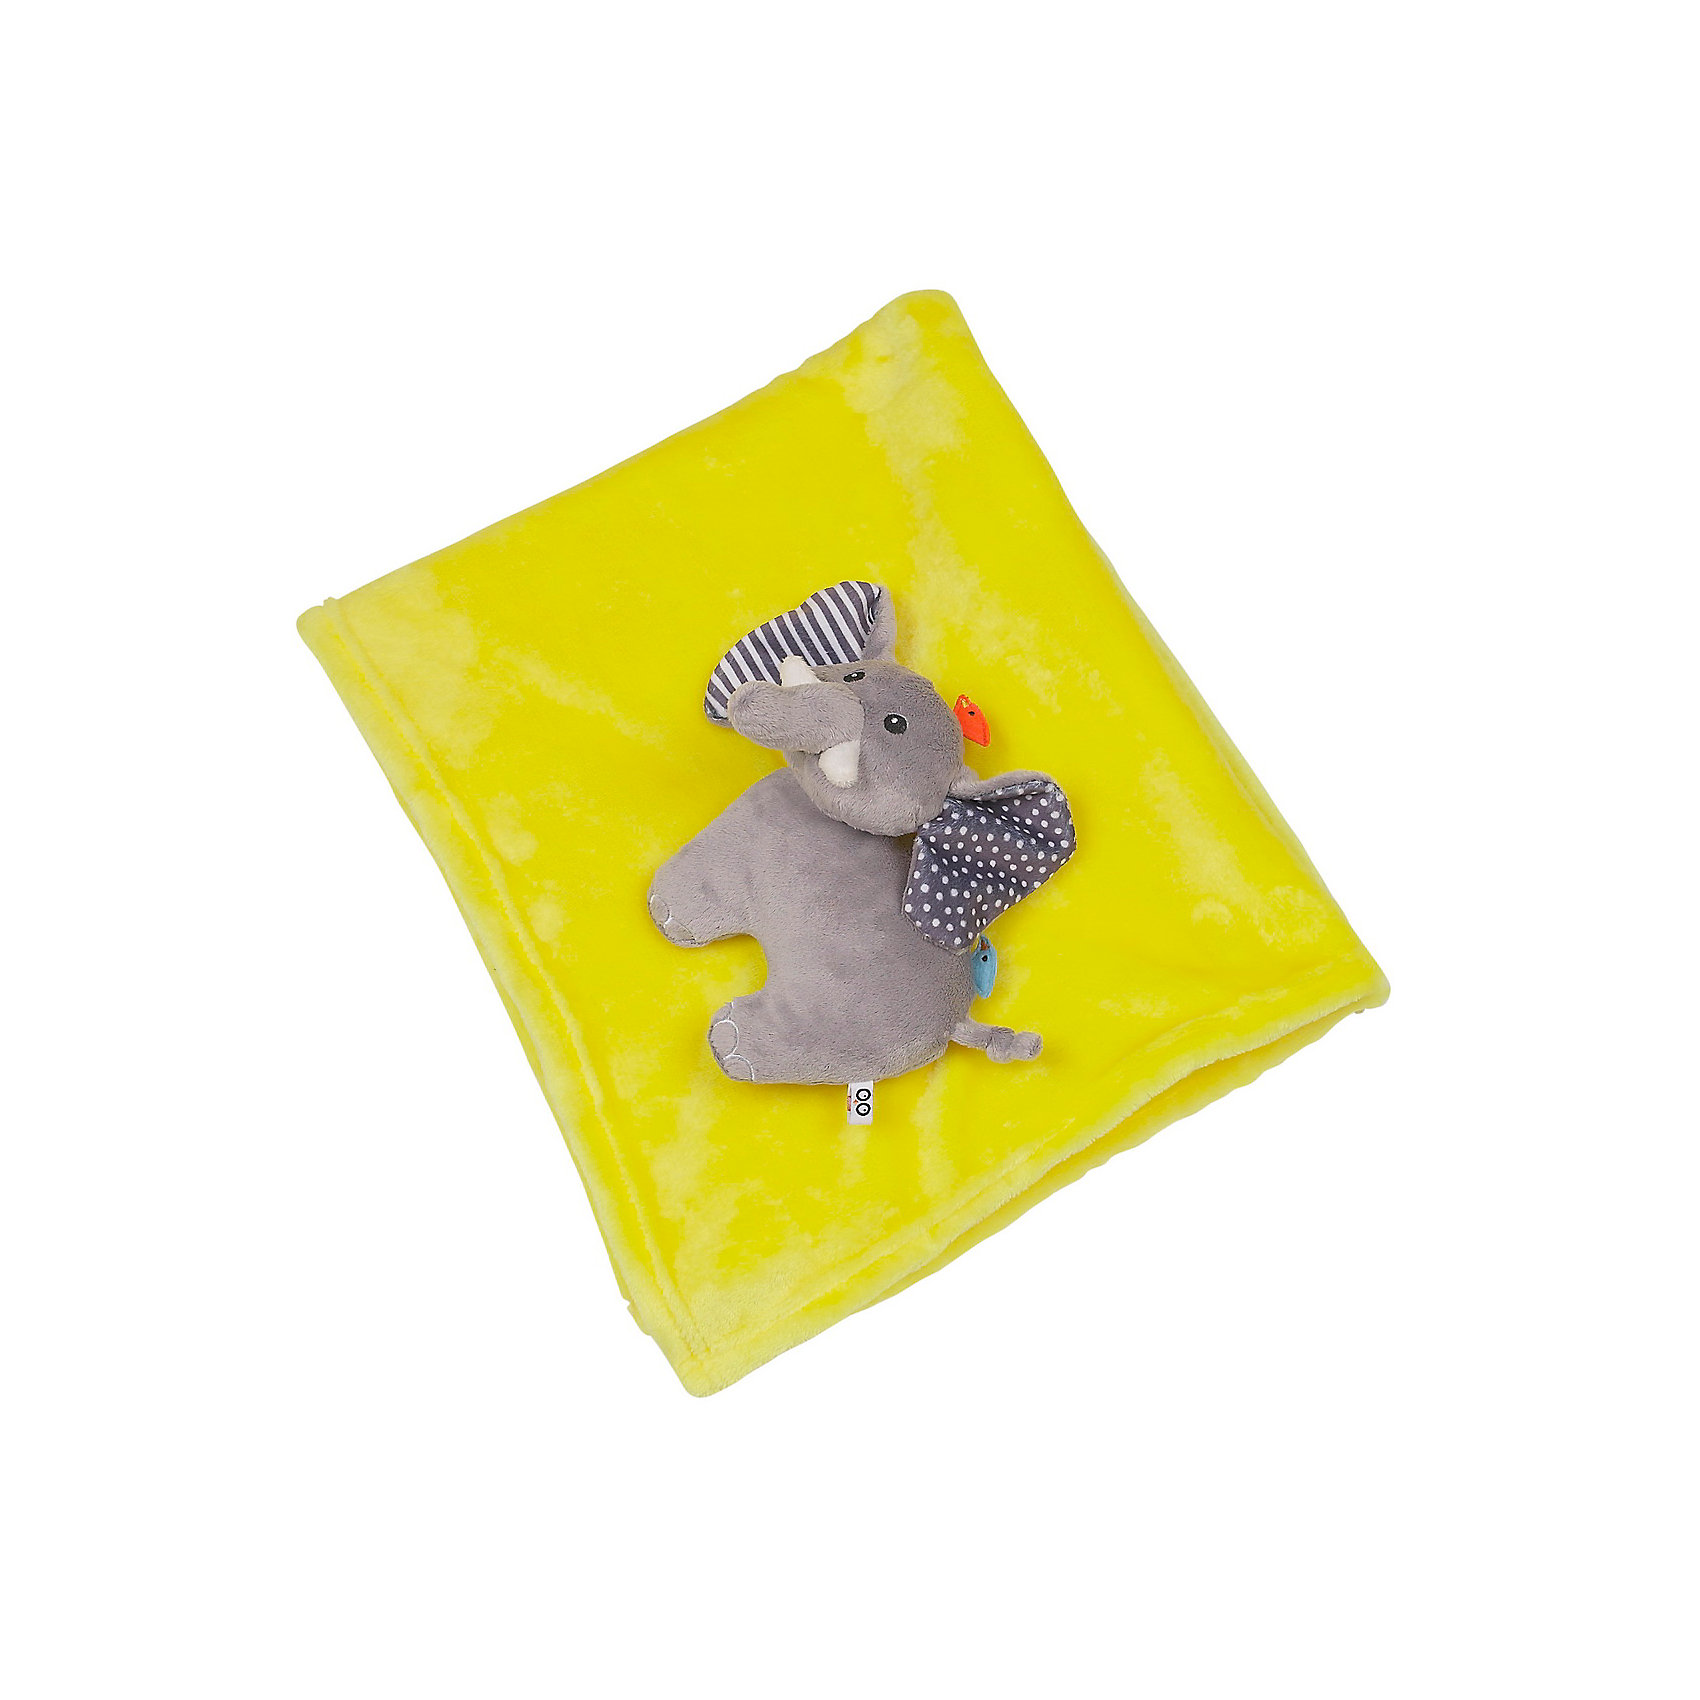 Одеяло с игрушкой Слон, Zoocchini, жёлтыйОдеяла, пледы<br>Одеяло с игрушкой Слон, жёлтый от американского бренда Zoocchini (Зукинни) поможет в оформлении интерьера детской комнаты и приведет в восторг вашего ребенка. Яркий желтый цвет одеяла и мягкий друг Слоник на уголке будут радовать глаз и развлекать, а нежная плюшевая ткань очень приятна на ощупь и подарить тепло и комфорт маленькому крохе. Одеяло можно брать с собой на природу, в машину или в коляску во время прогулки прохладным вечером. <br>Дополнительная информация:<br>- Состав: 100% полиэстер<br>- Размер: 68,5 * 99 см.<br>Одеяло с игрушкой Слон, жёлтый Zoocchini(Зукини) можно купить в нашем интернет-магазине.<br>Подробнее:<br>• Для детей в возрасте: от 0 до 3 лет<br>• Номер товара: 4976014<br>Страна производитель: Китай<br><br>Ширина мм: 255<br>Глубина мм: 75<br>Высота мм: 255<br>Вес г: 418<br>Возраст от месяцев: 0<br>Возраст до месяцев: 36<br>Пол: Унисекс<br>Возраст: Детский<br>SKU: 4976014